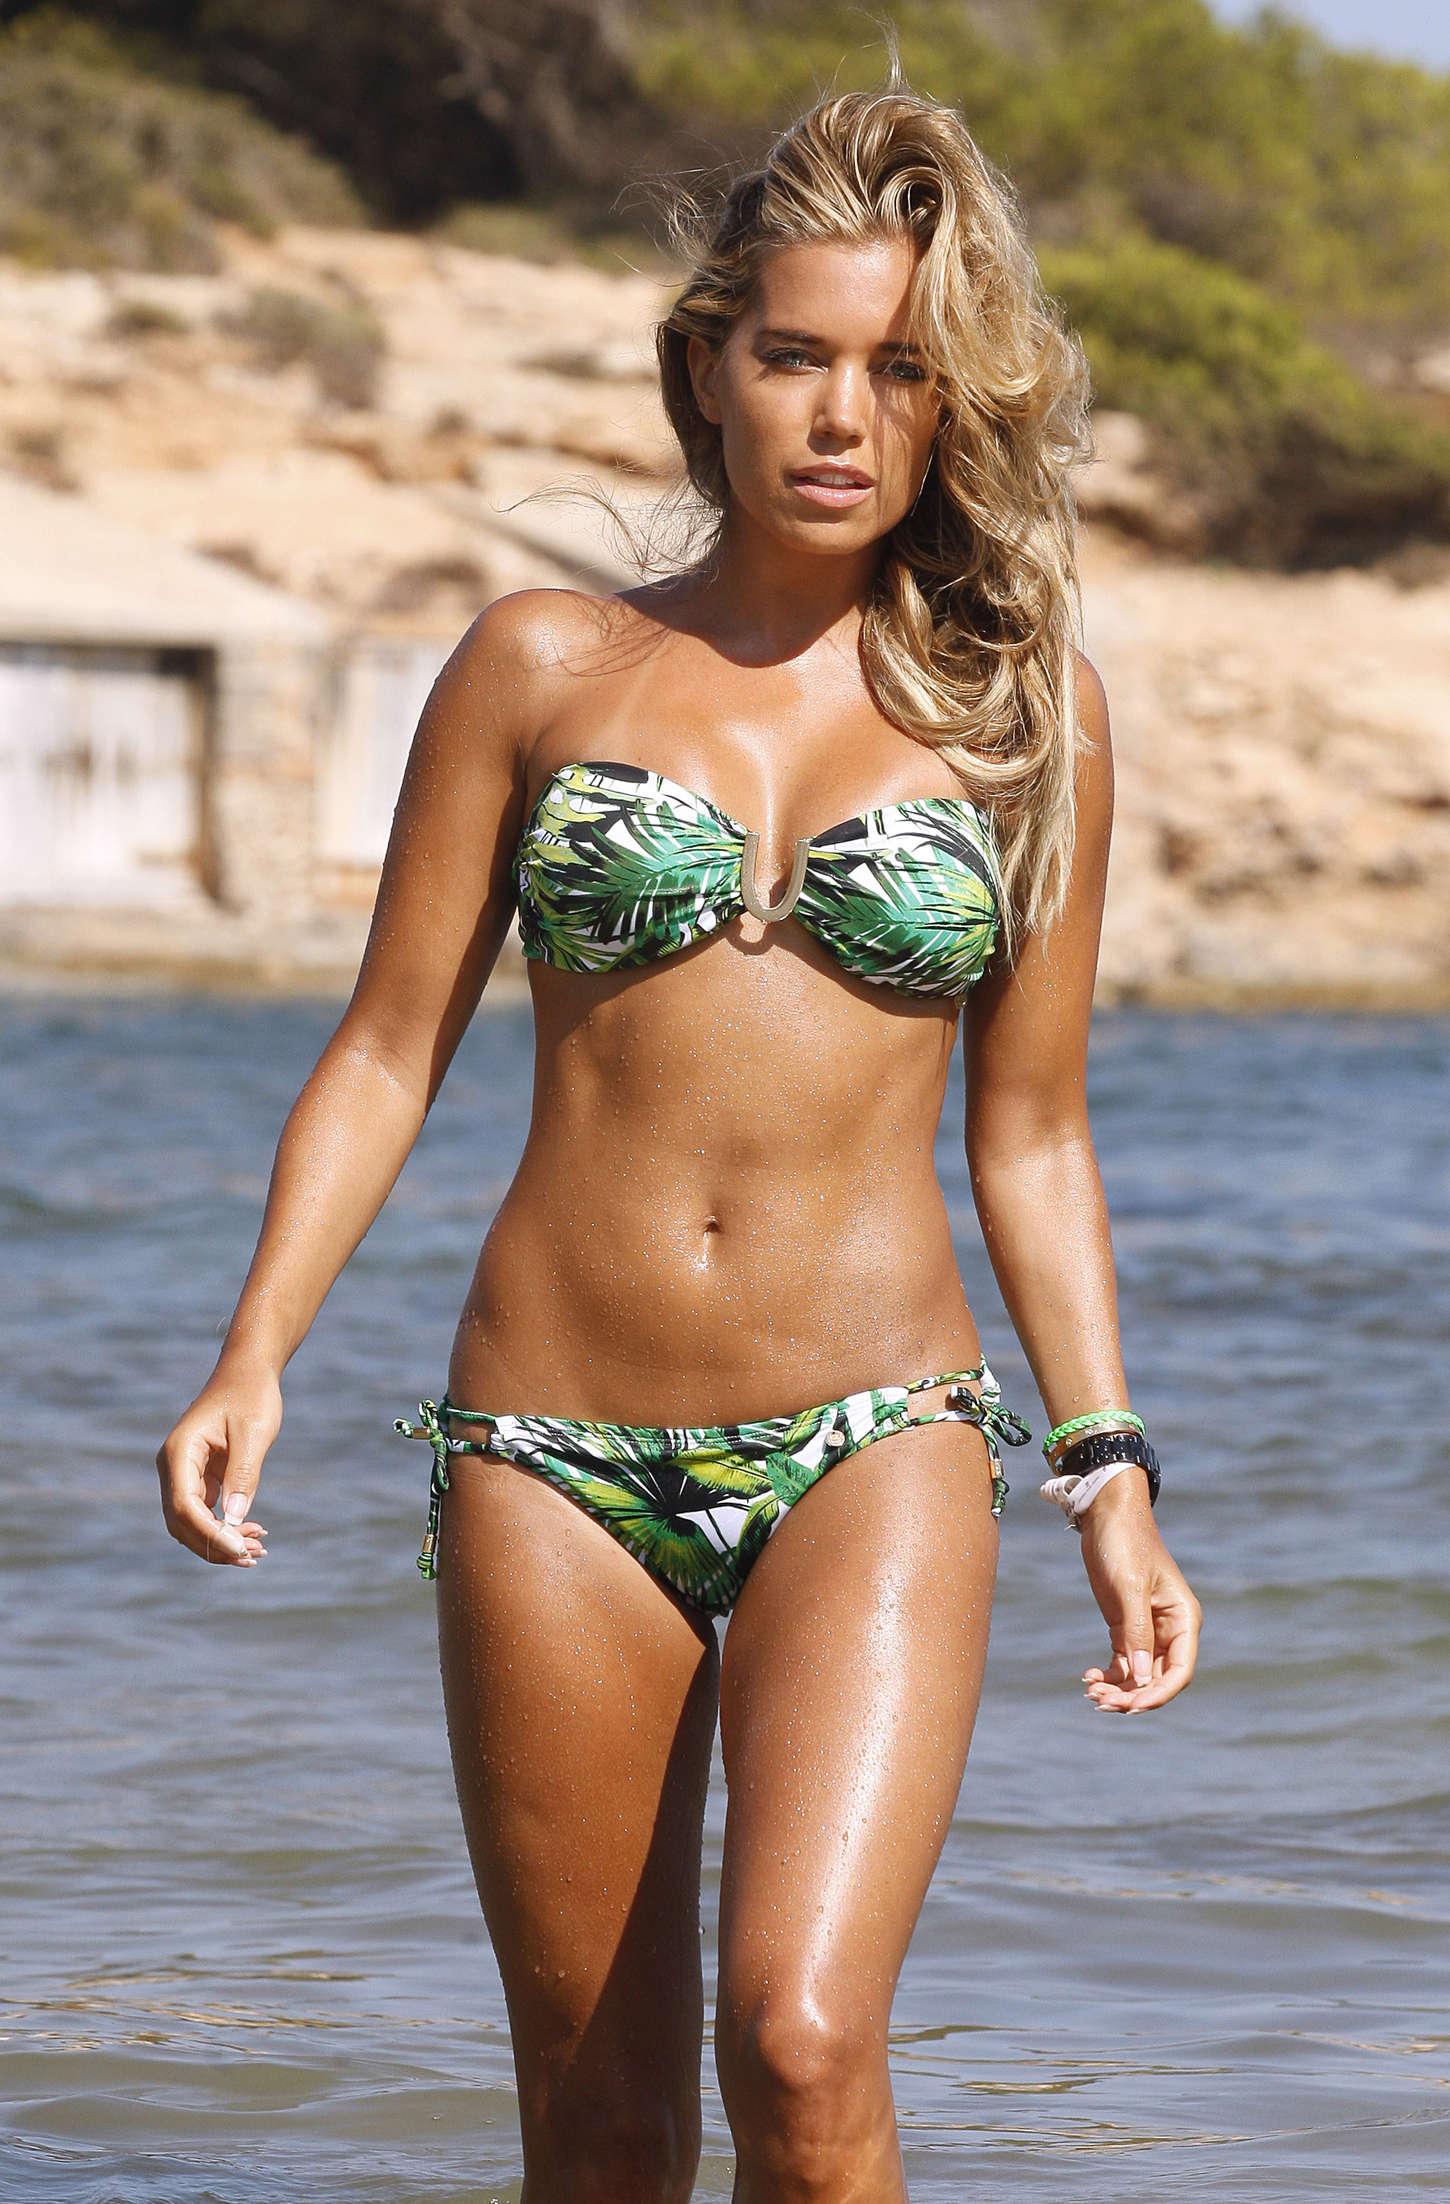 Sylvie Van Der Vaart in Bikini -27 - GotCeleb